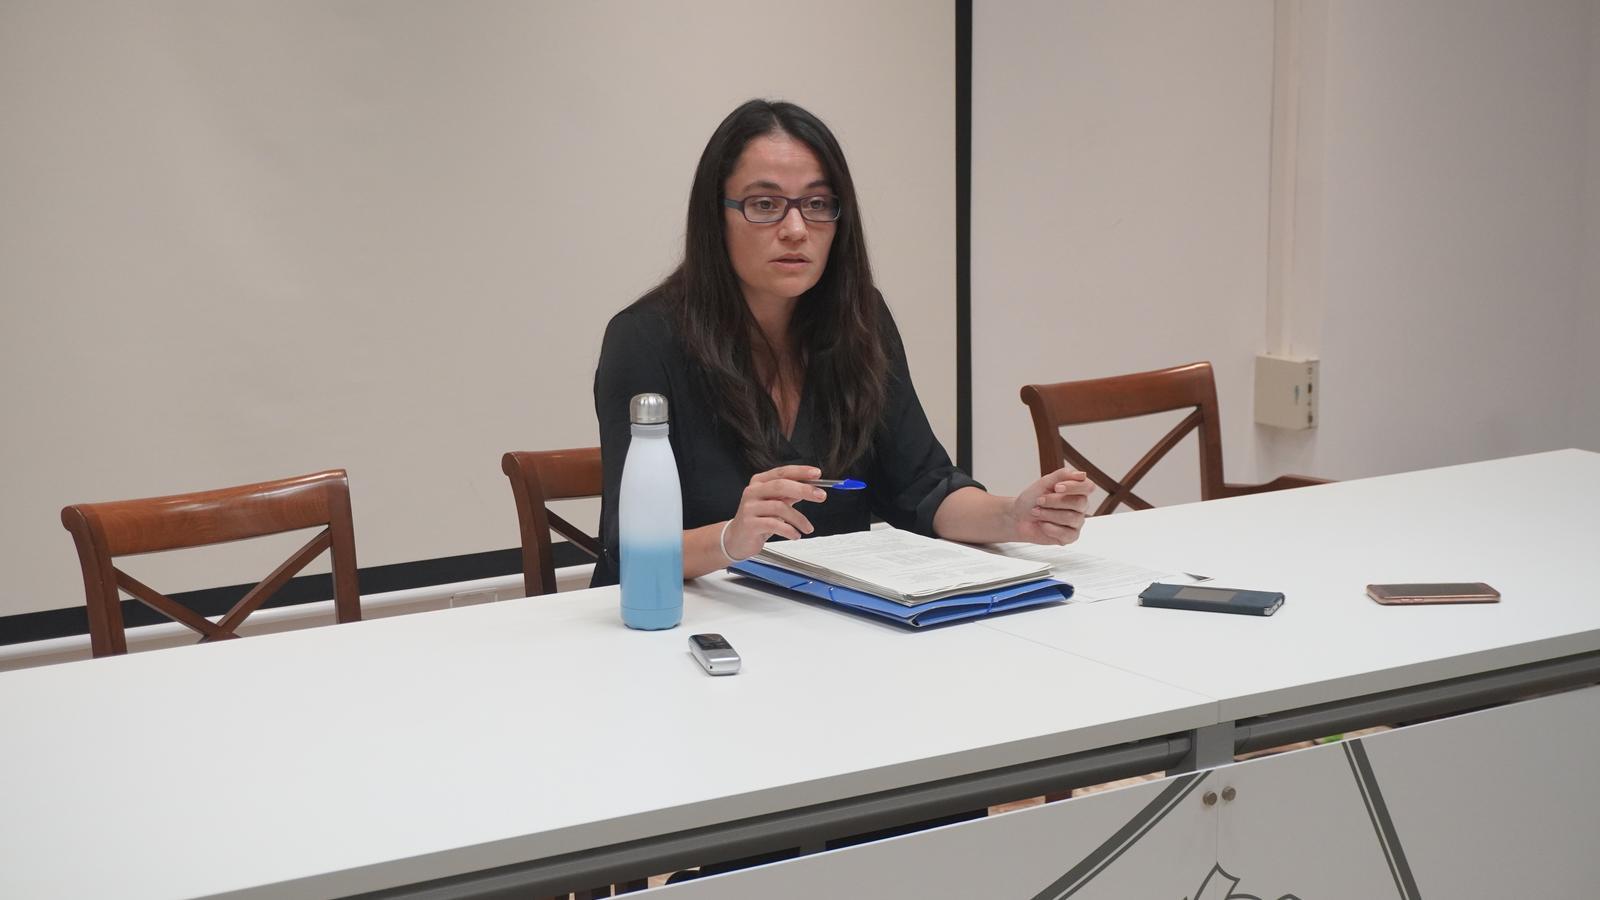 La delegada d'Economia i Hisenda, Cristina Capó, explicant el pressupost de 2020.